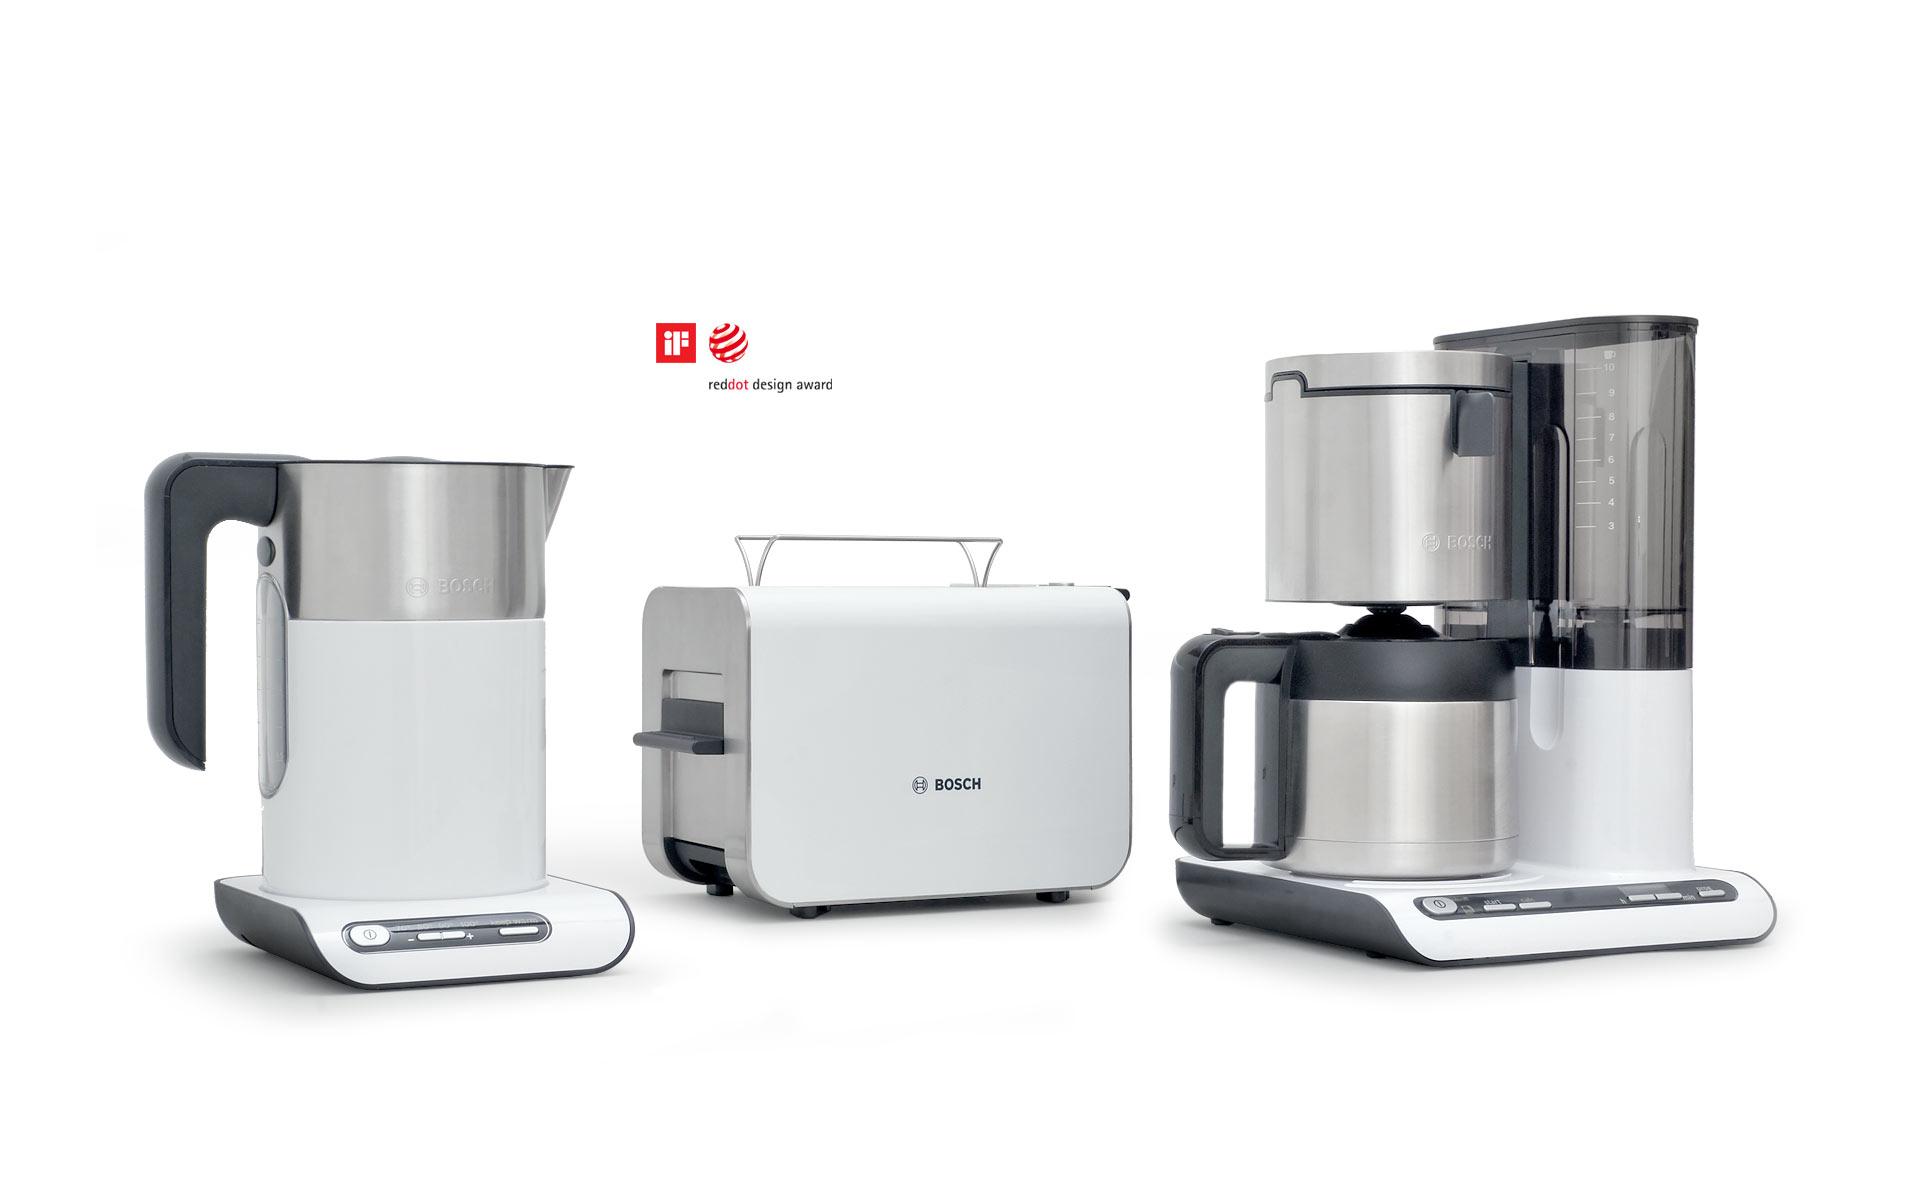 Produktdesign für Bosch Siemens Hausgeräte